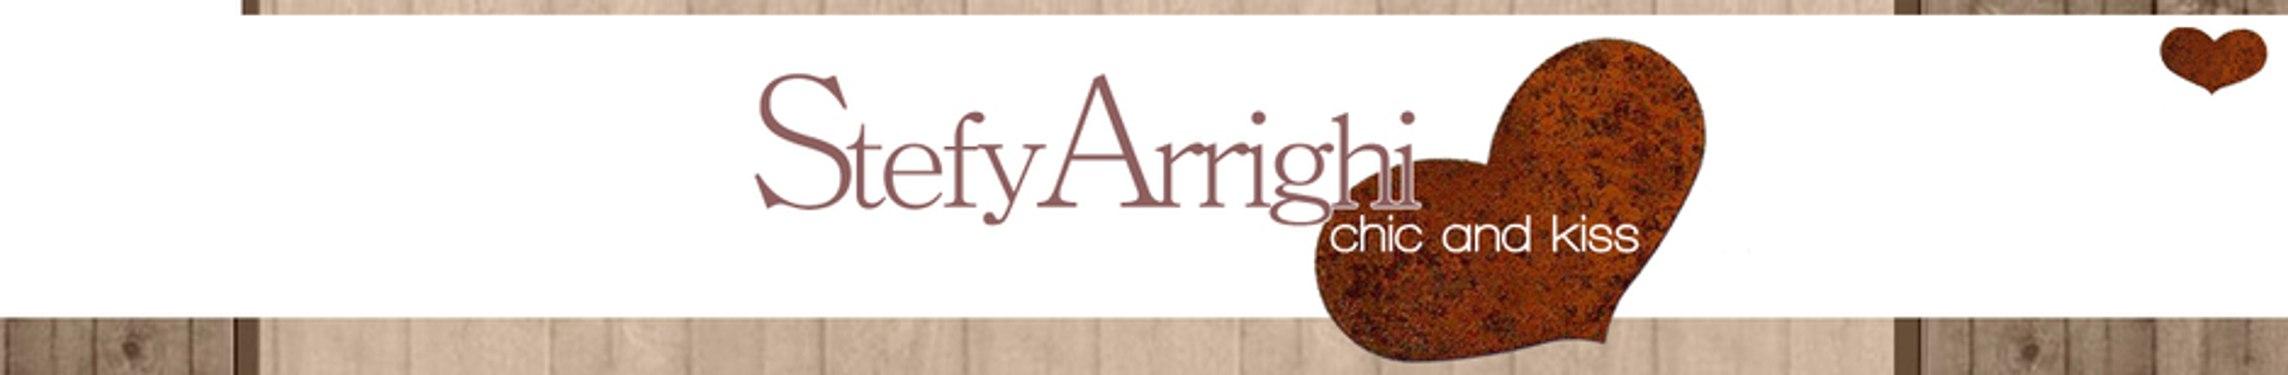 Stefy Arrighi